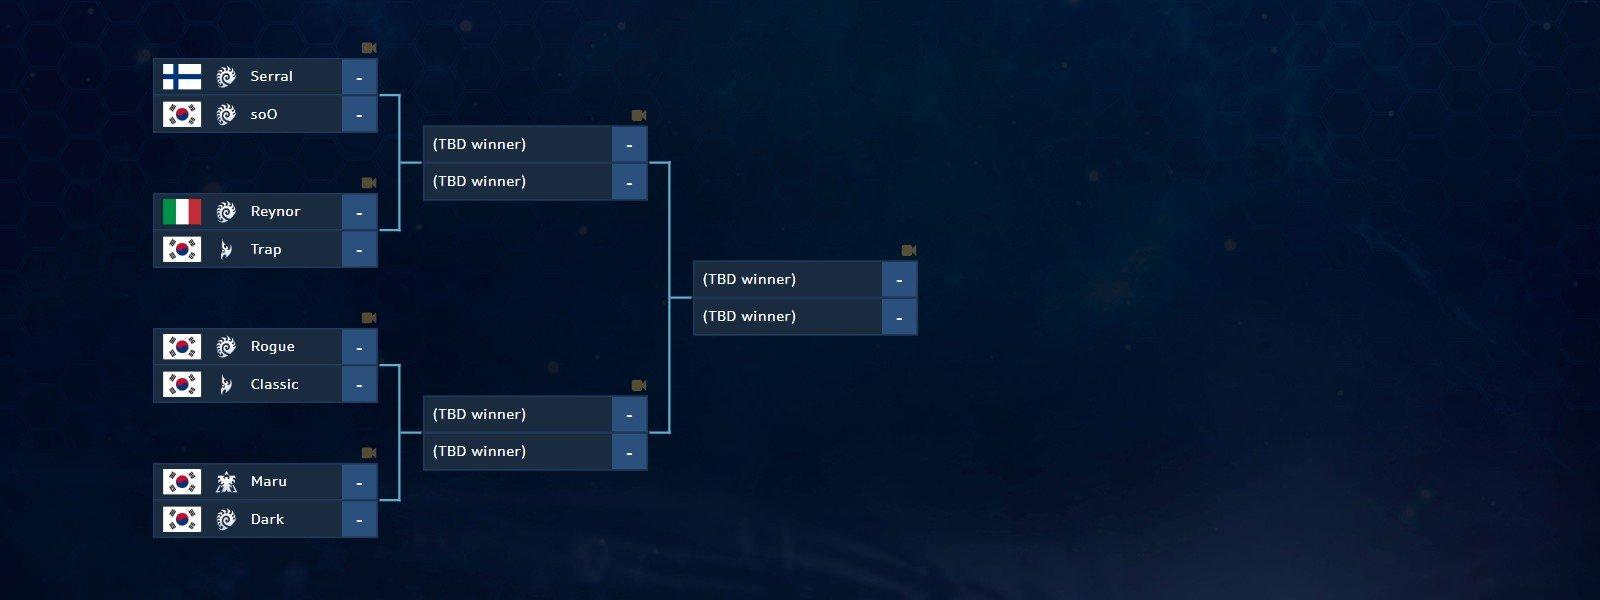 StarCraft II WCS Global Finals 2019 Playoffs